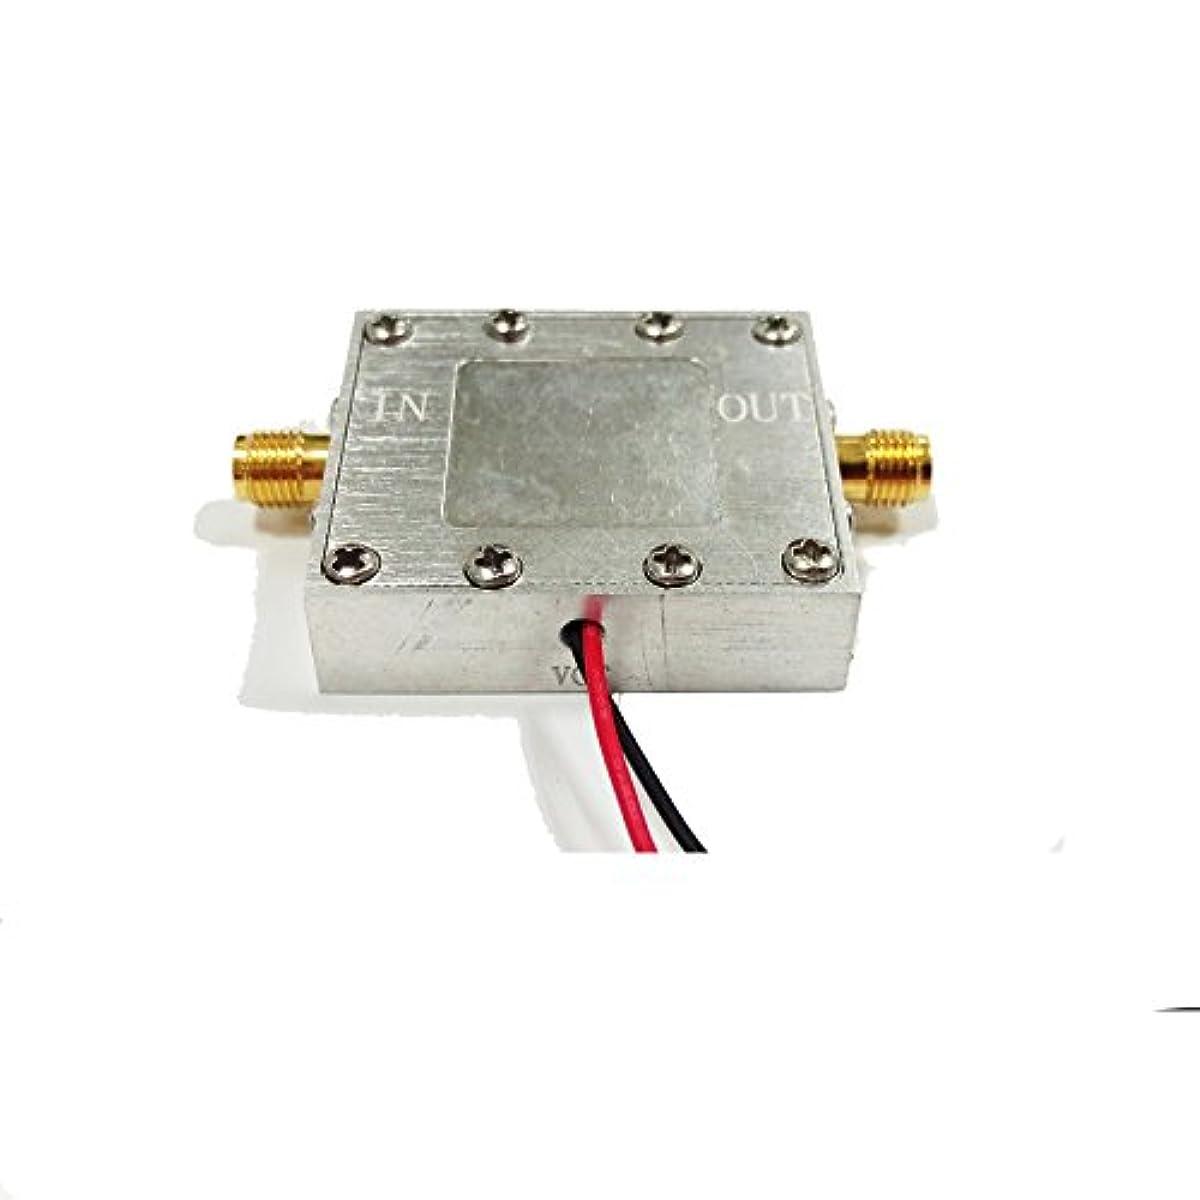 [해외] TAIDACENT 북두로 사용되는 RF신호 증폭기,저 잡음 증폭기0.05-4GHZ노이즈0.6decibel의 LNA